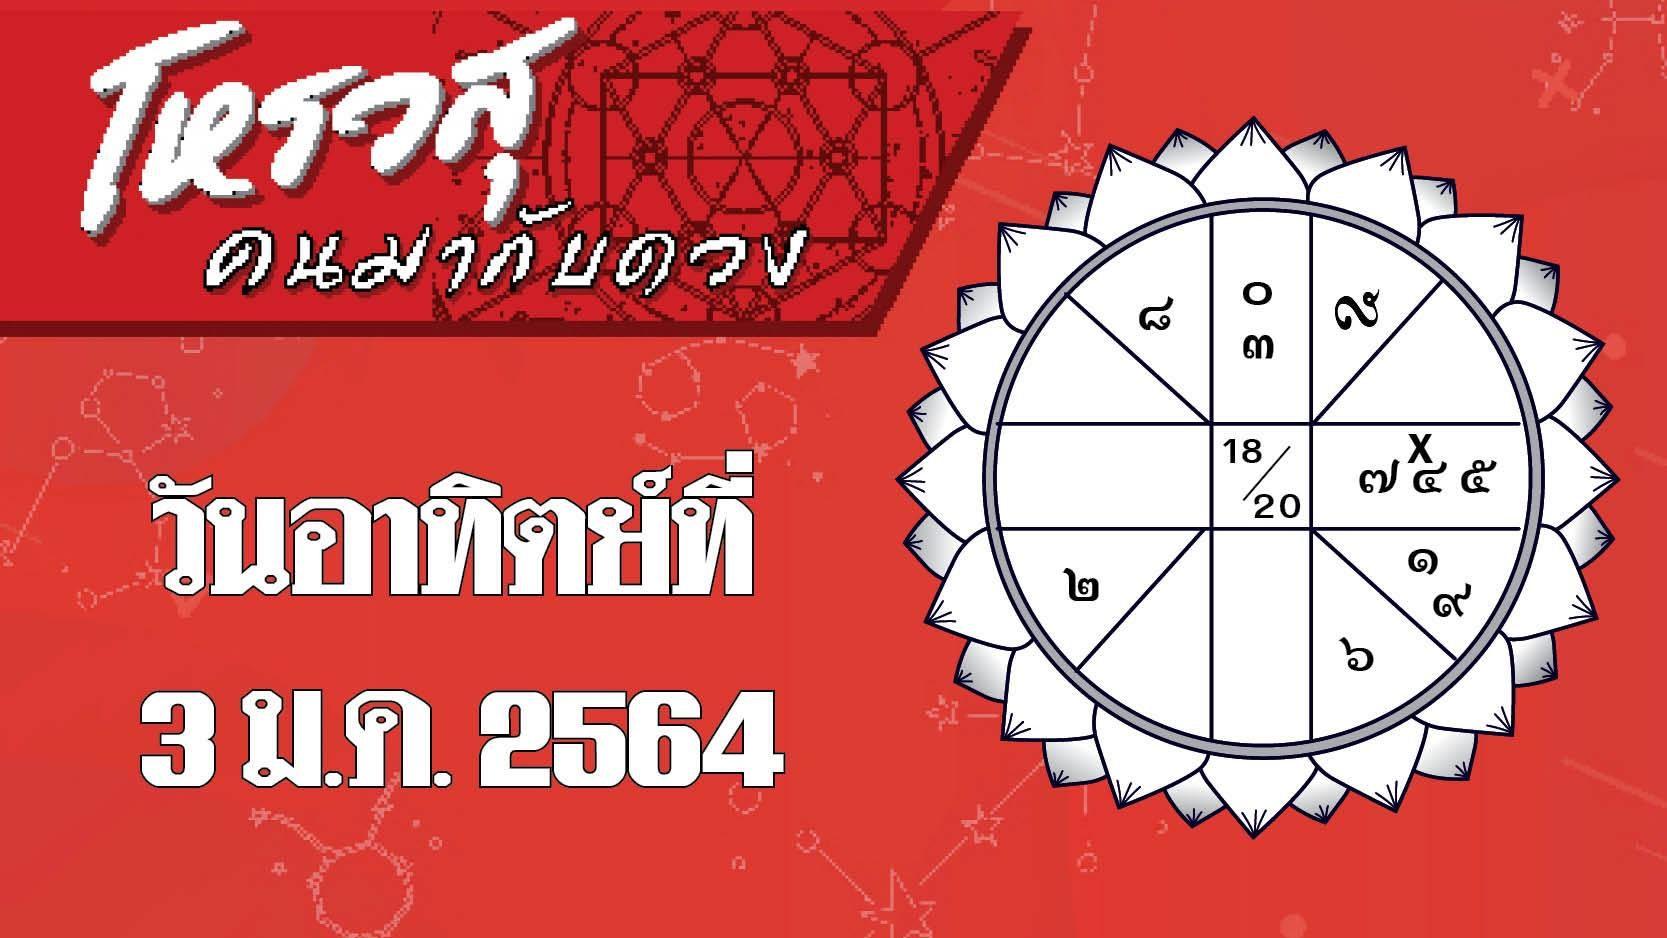 ดวงวันอาทิตย์ที่ 3 มกราคม 2564 ราศีใดมีปัญหาเรื่องความจำ ราศีใดระวังทะเลาะเพื่อนบ้าน